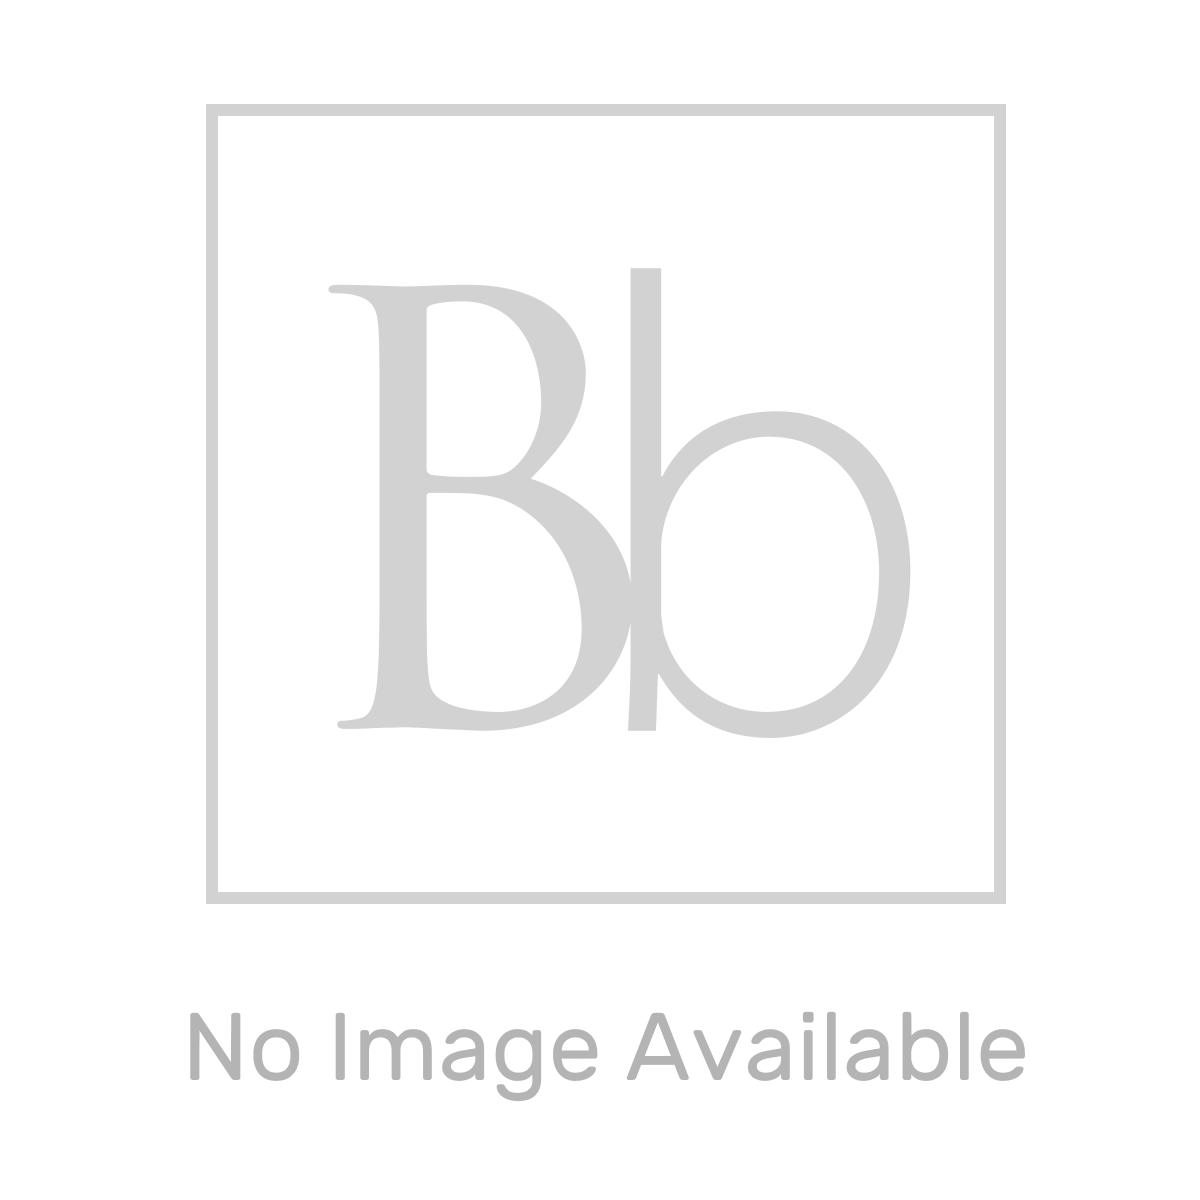 Stainless Steel Double Door Bathroom Cabinet Handle